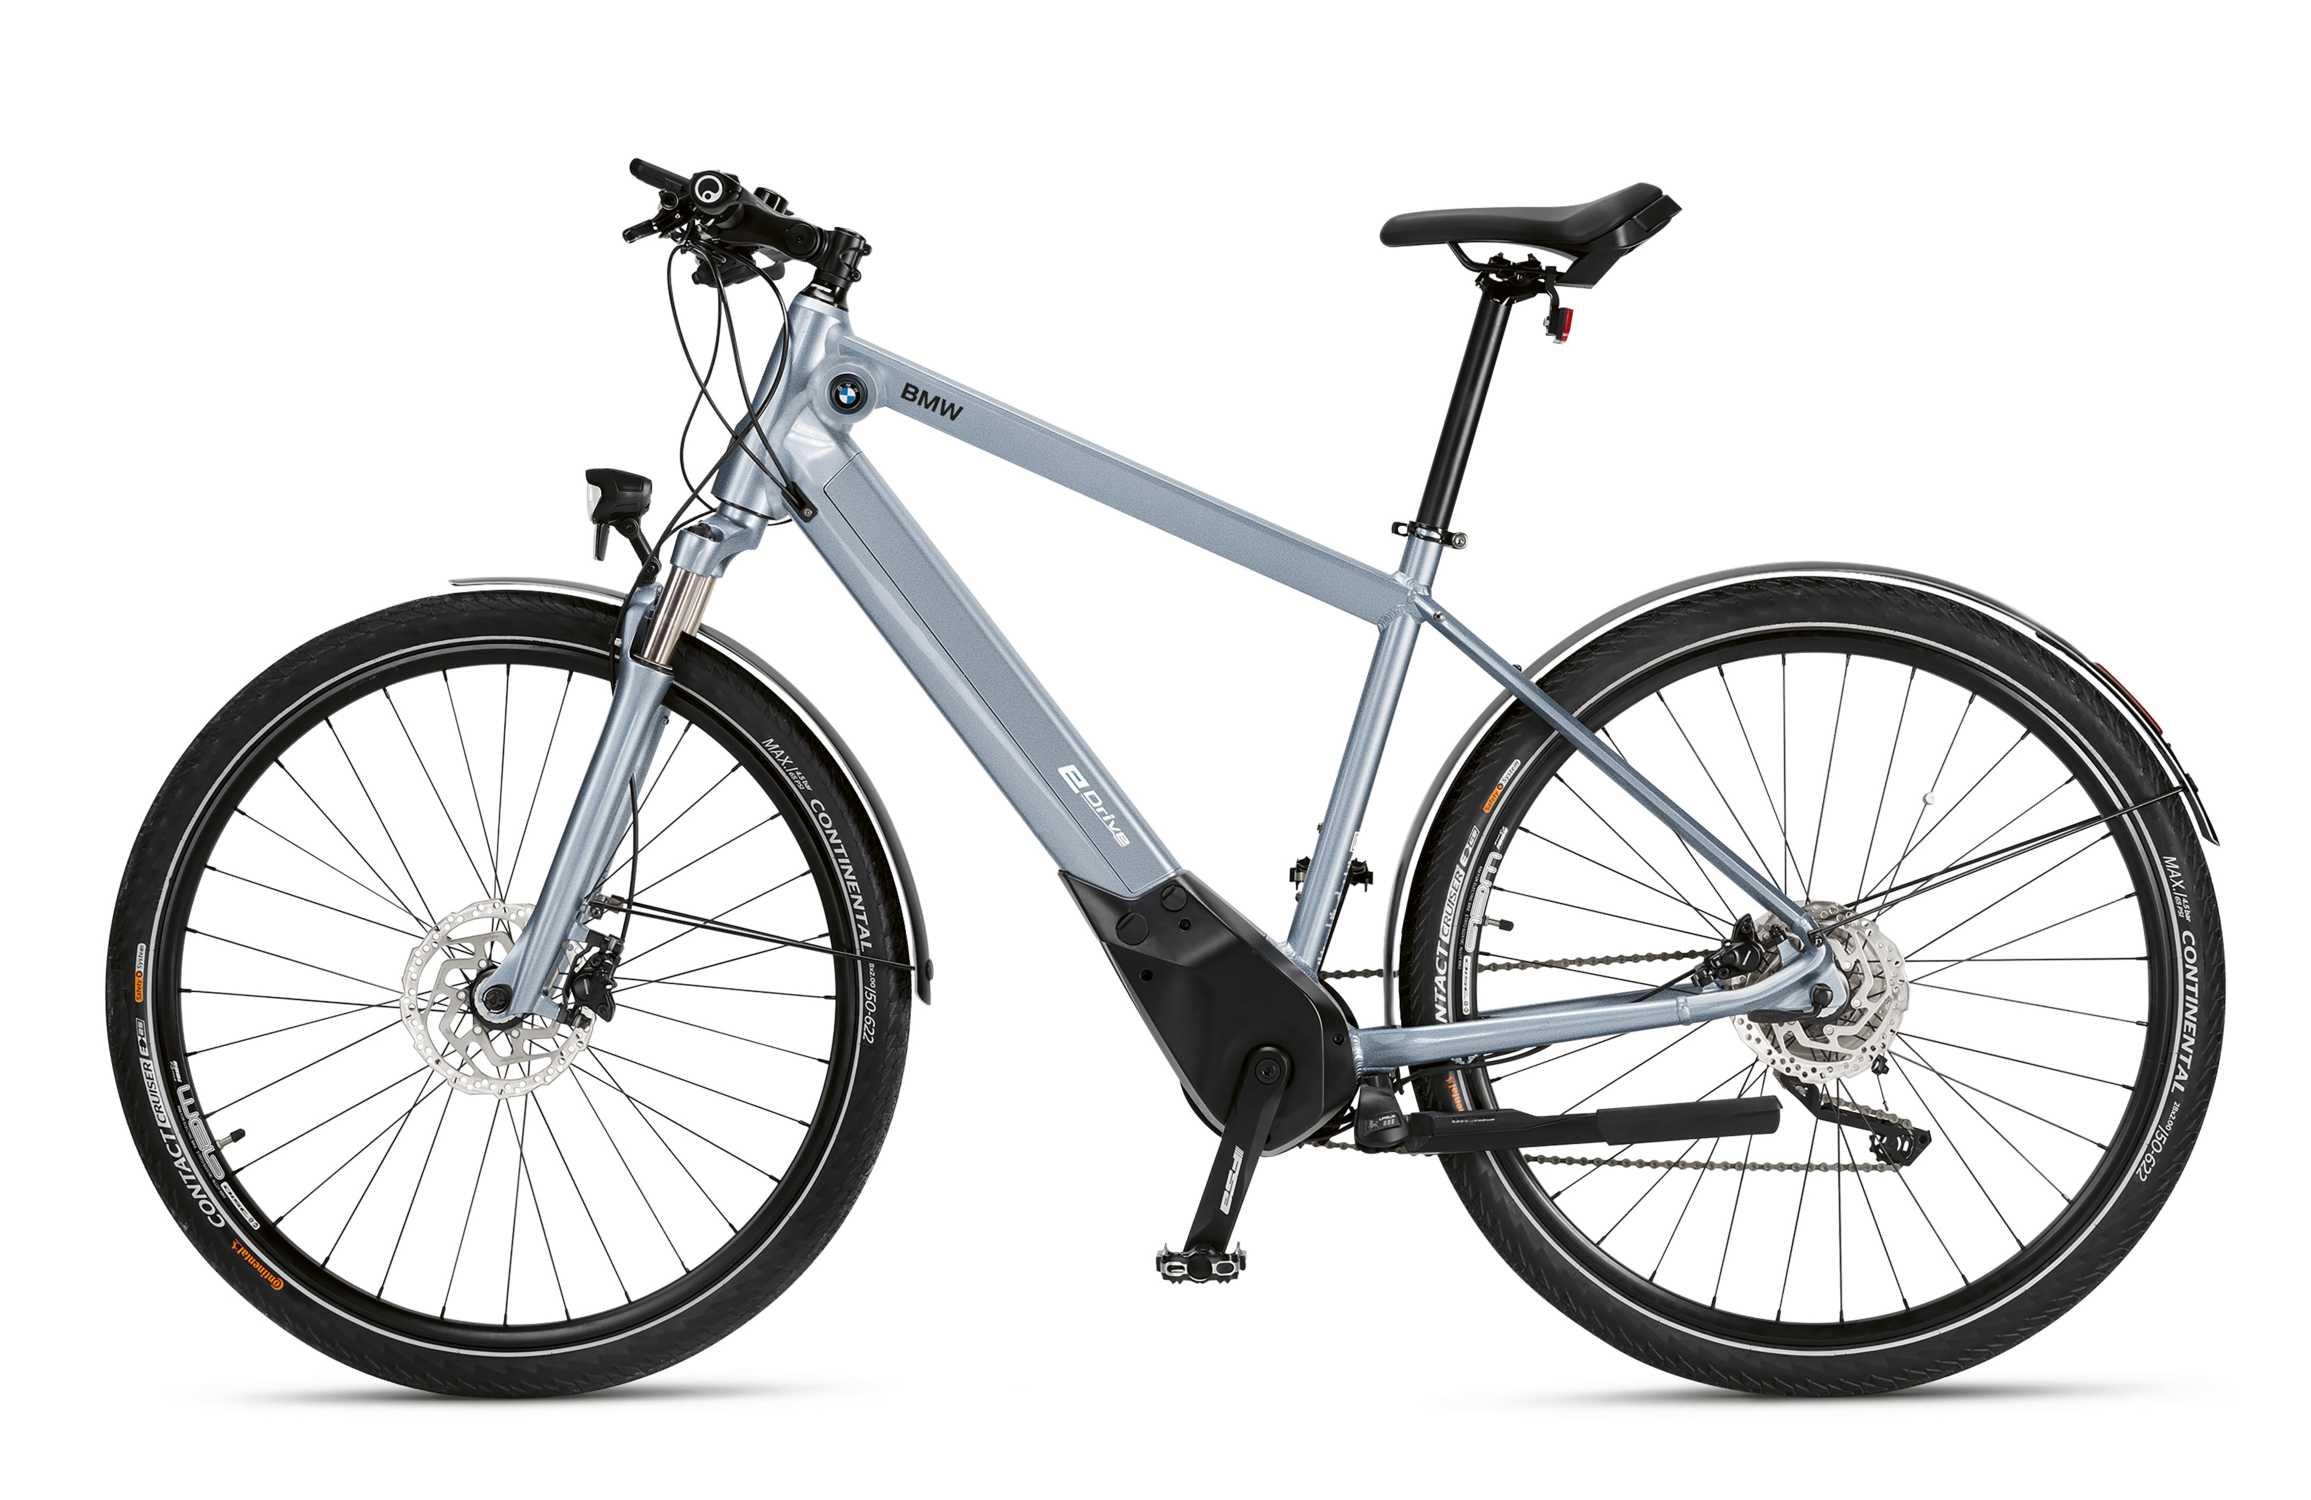 Bmw Bikes Active Hybrid E Bike 04 2019